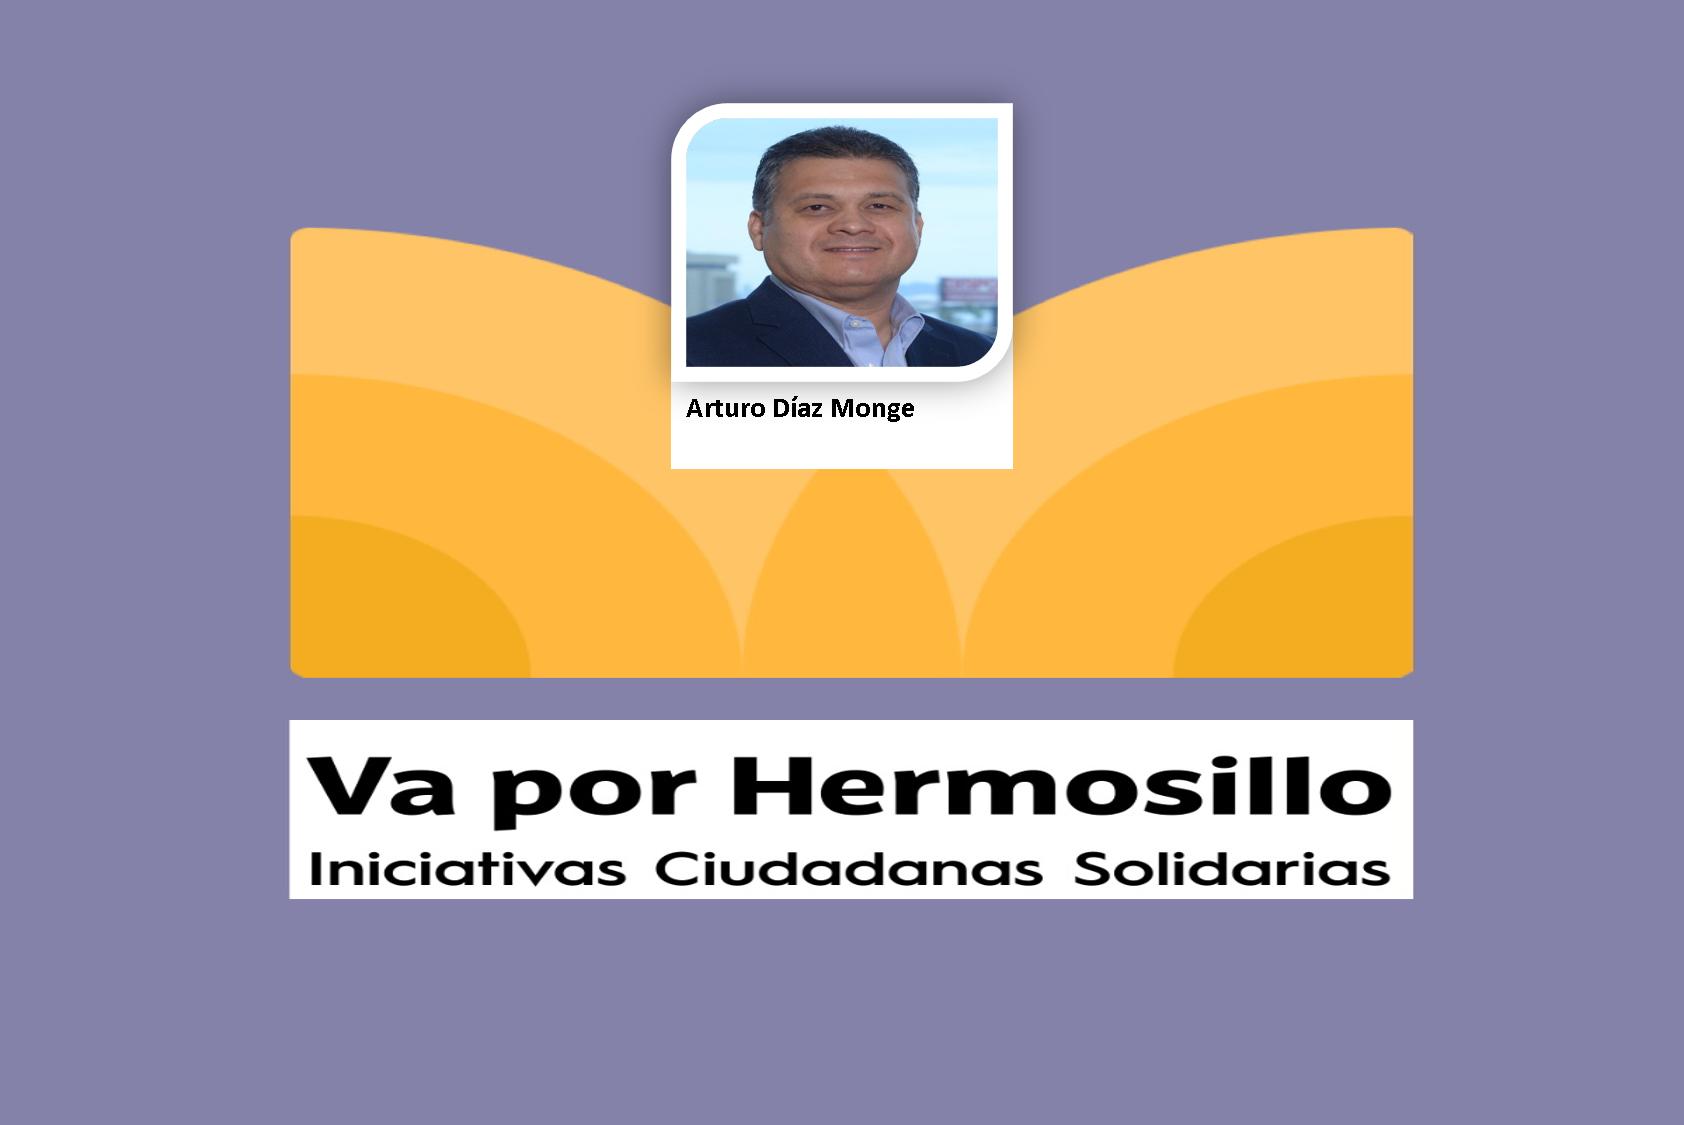 El objetivo es auxiliar con microcréditos a grupos sociales de personas en autoempleo y MIPYME